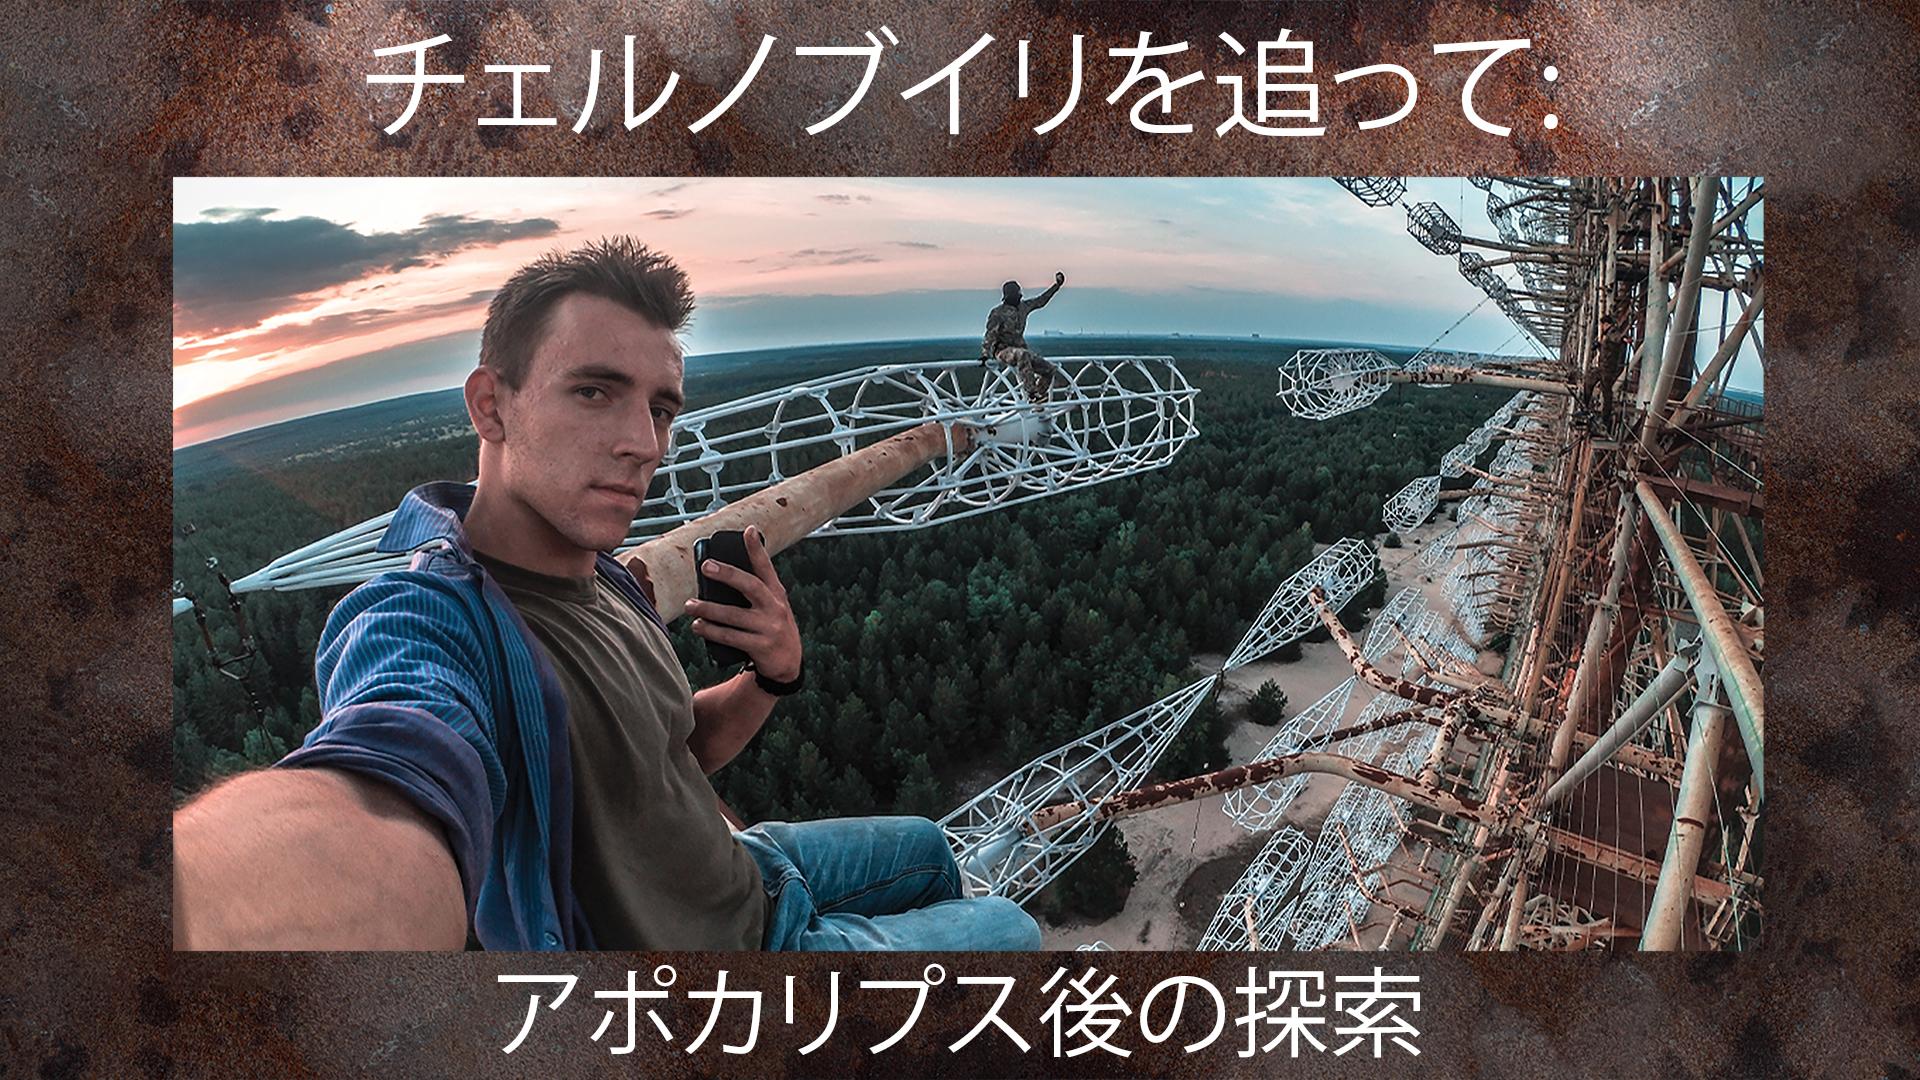 チェルノブイリを追って: アポカリプス後の探索 (Stalking Chernobyl)